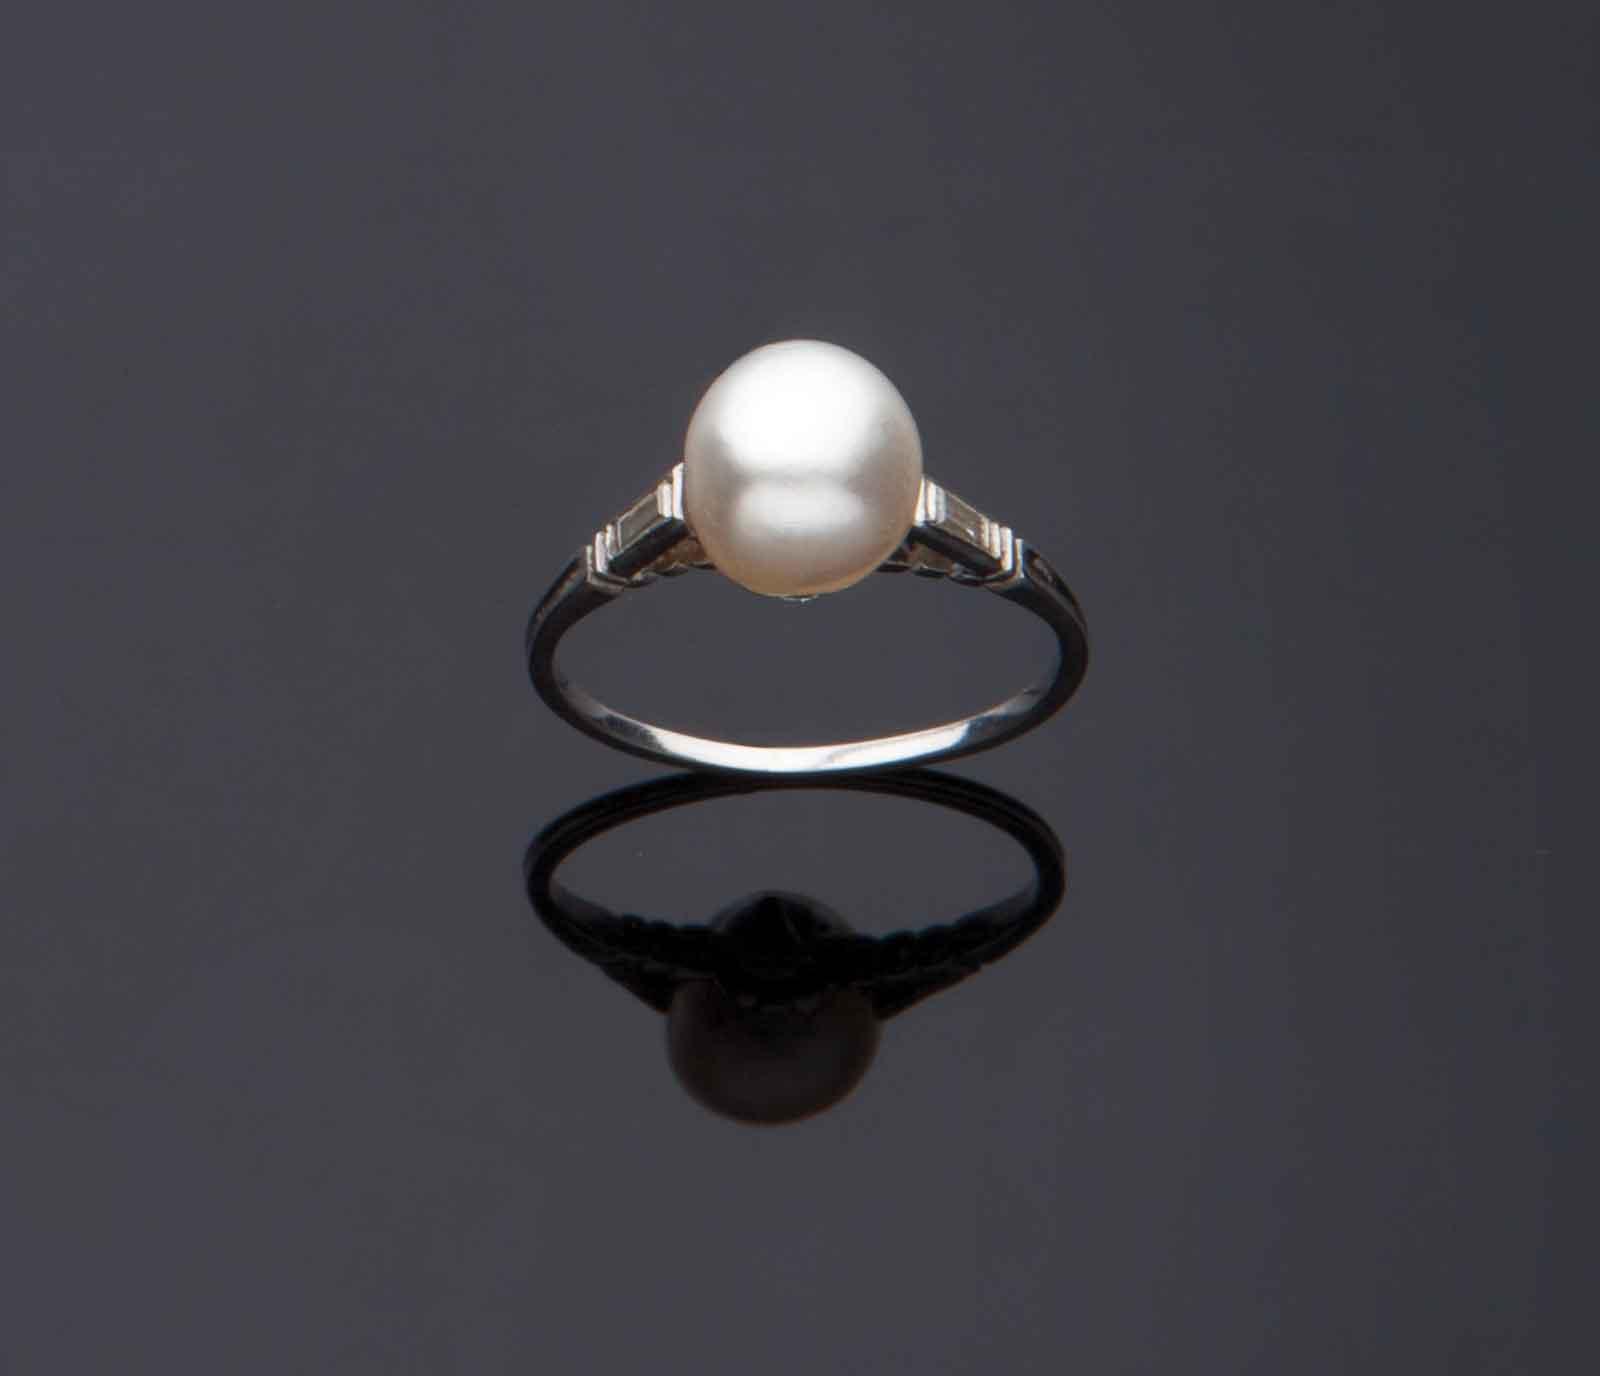 Anello in oro bianco con perla naturale d'acqua salata